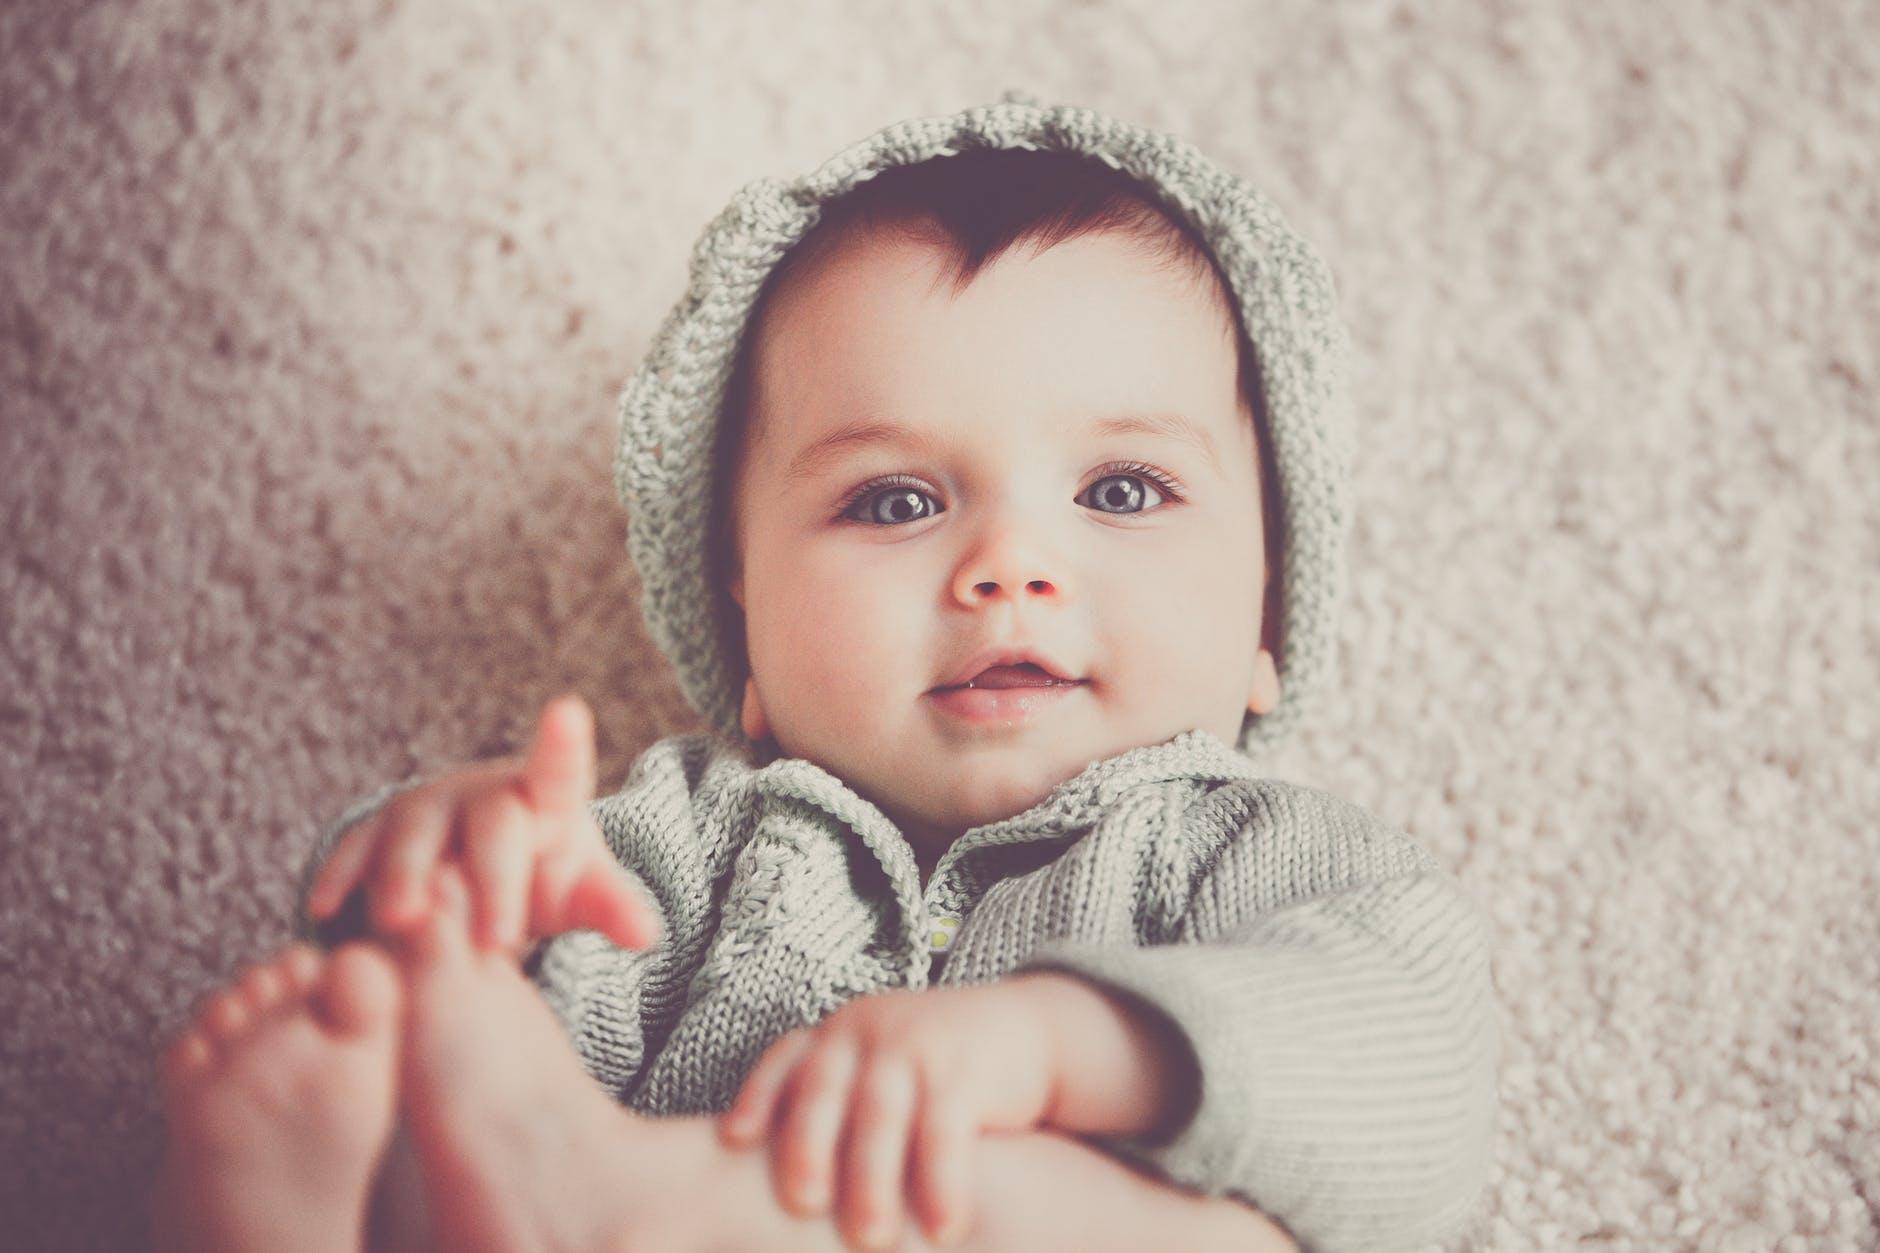 صور أطفال حلوين روعة خلفيات اطفال صور اطفال صغار For Android